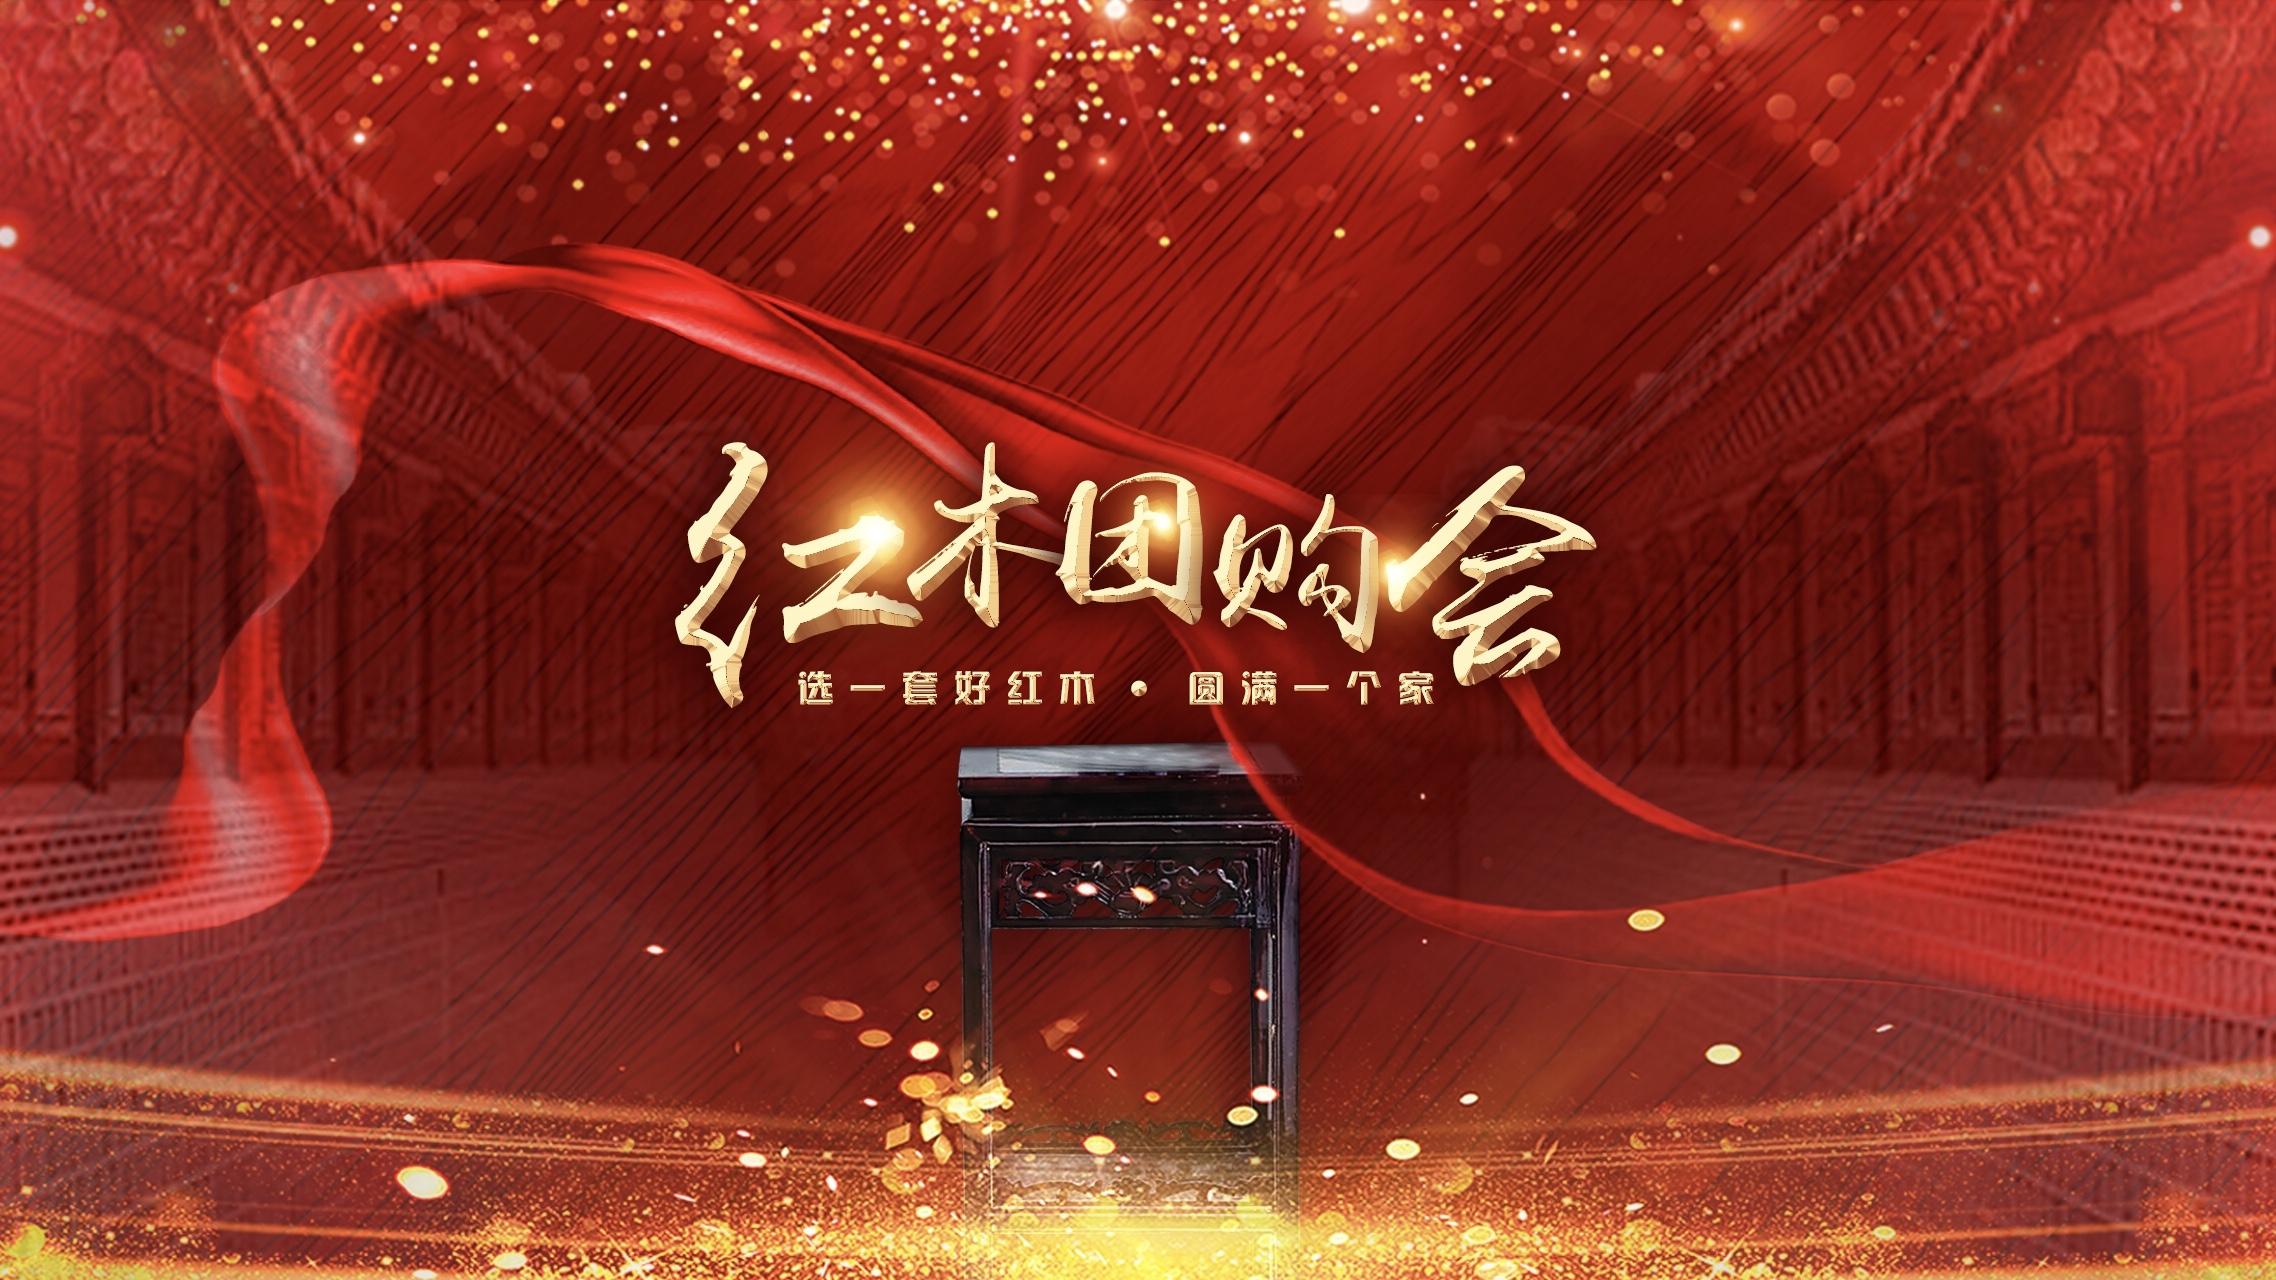 吉林廣播電視臺都市頻道第一屆東陽紅木透明團購會